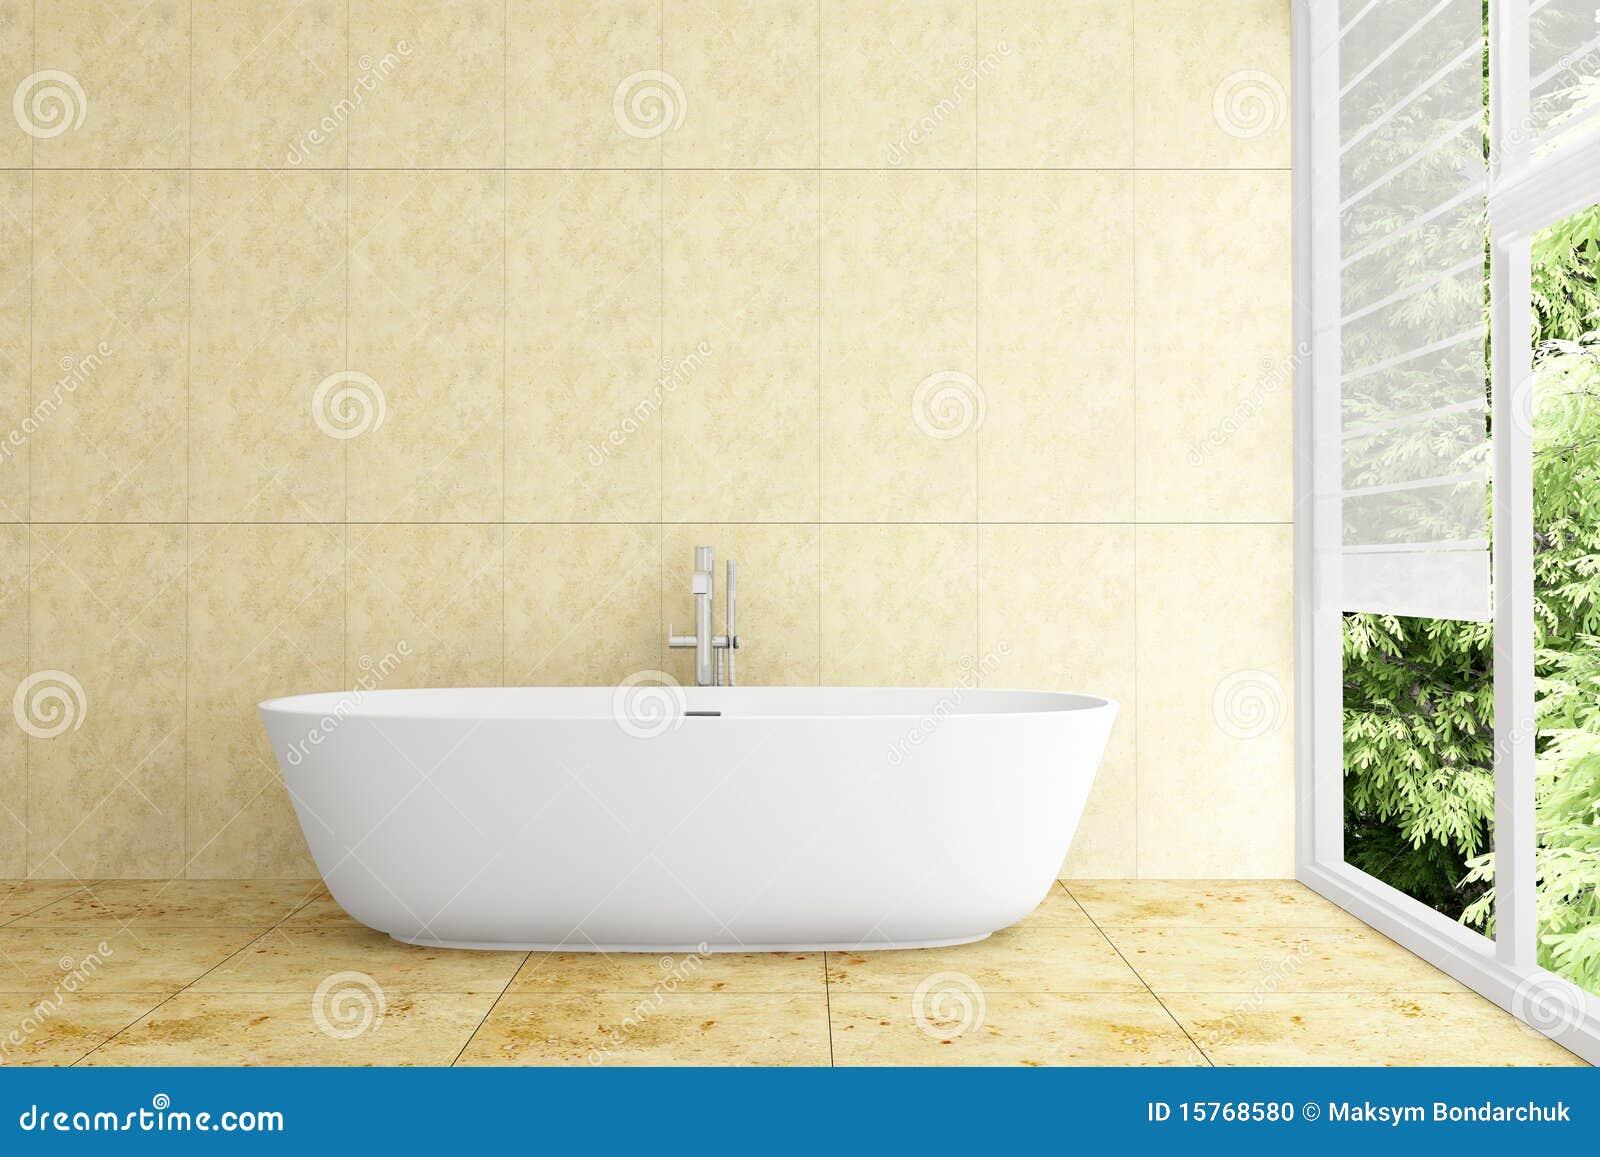 Banheiro Moderno Com As Telhas Bege Na Parede Foto de Stock Imagem  #7FA02B 1300x957 Banheiro Bege Moderno